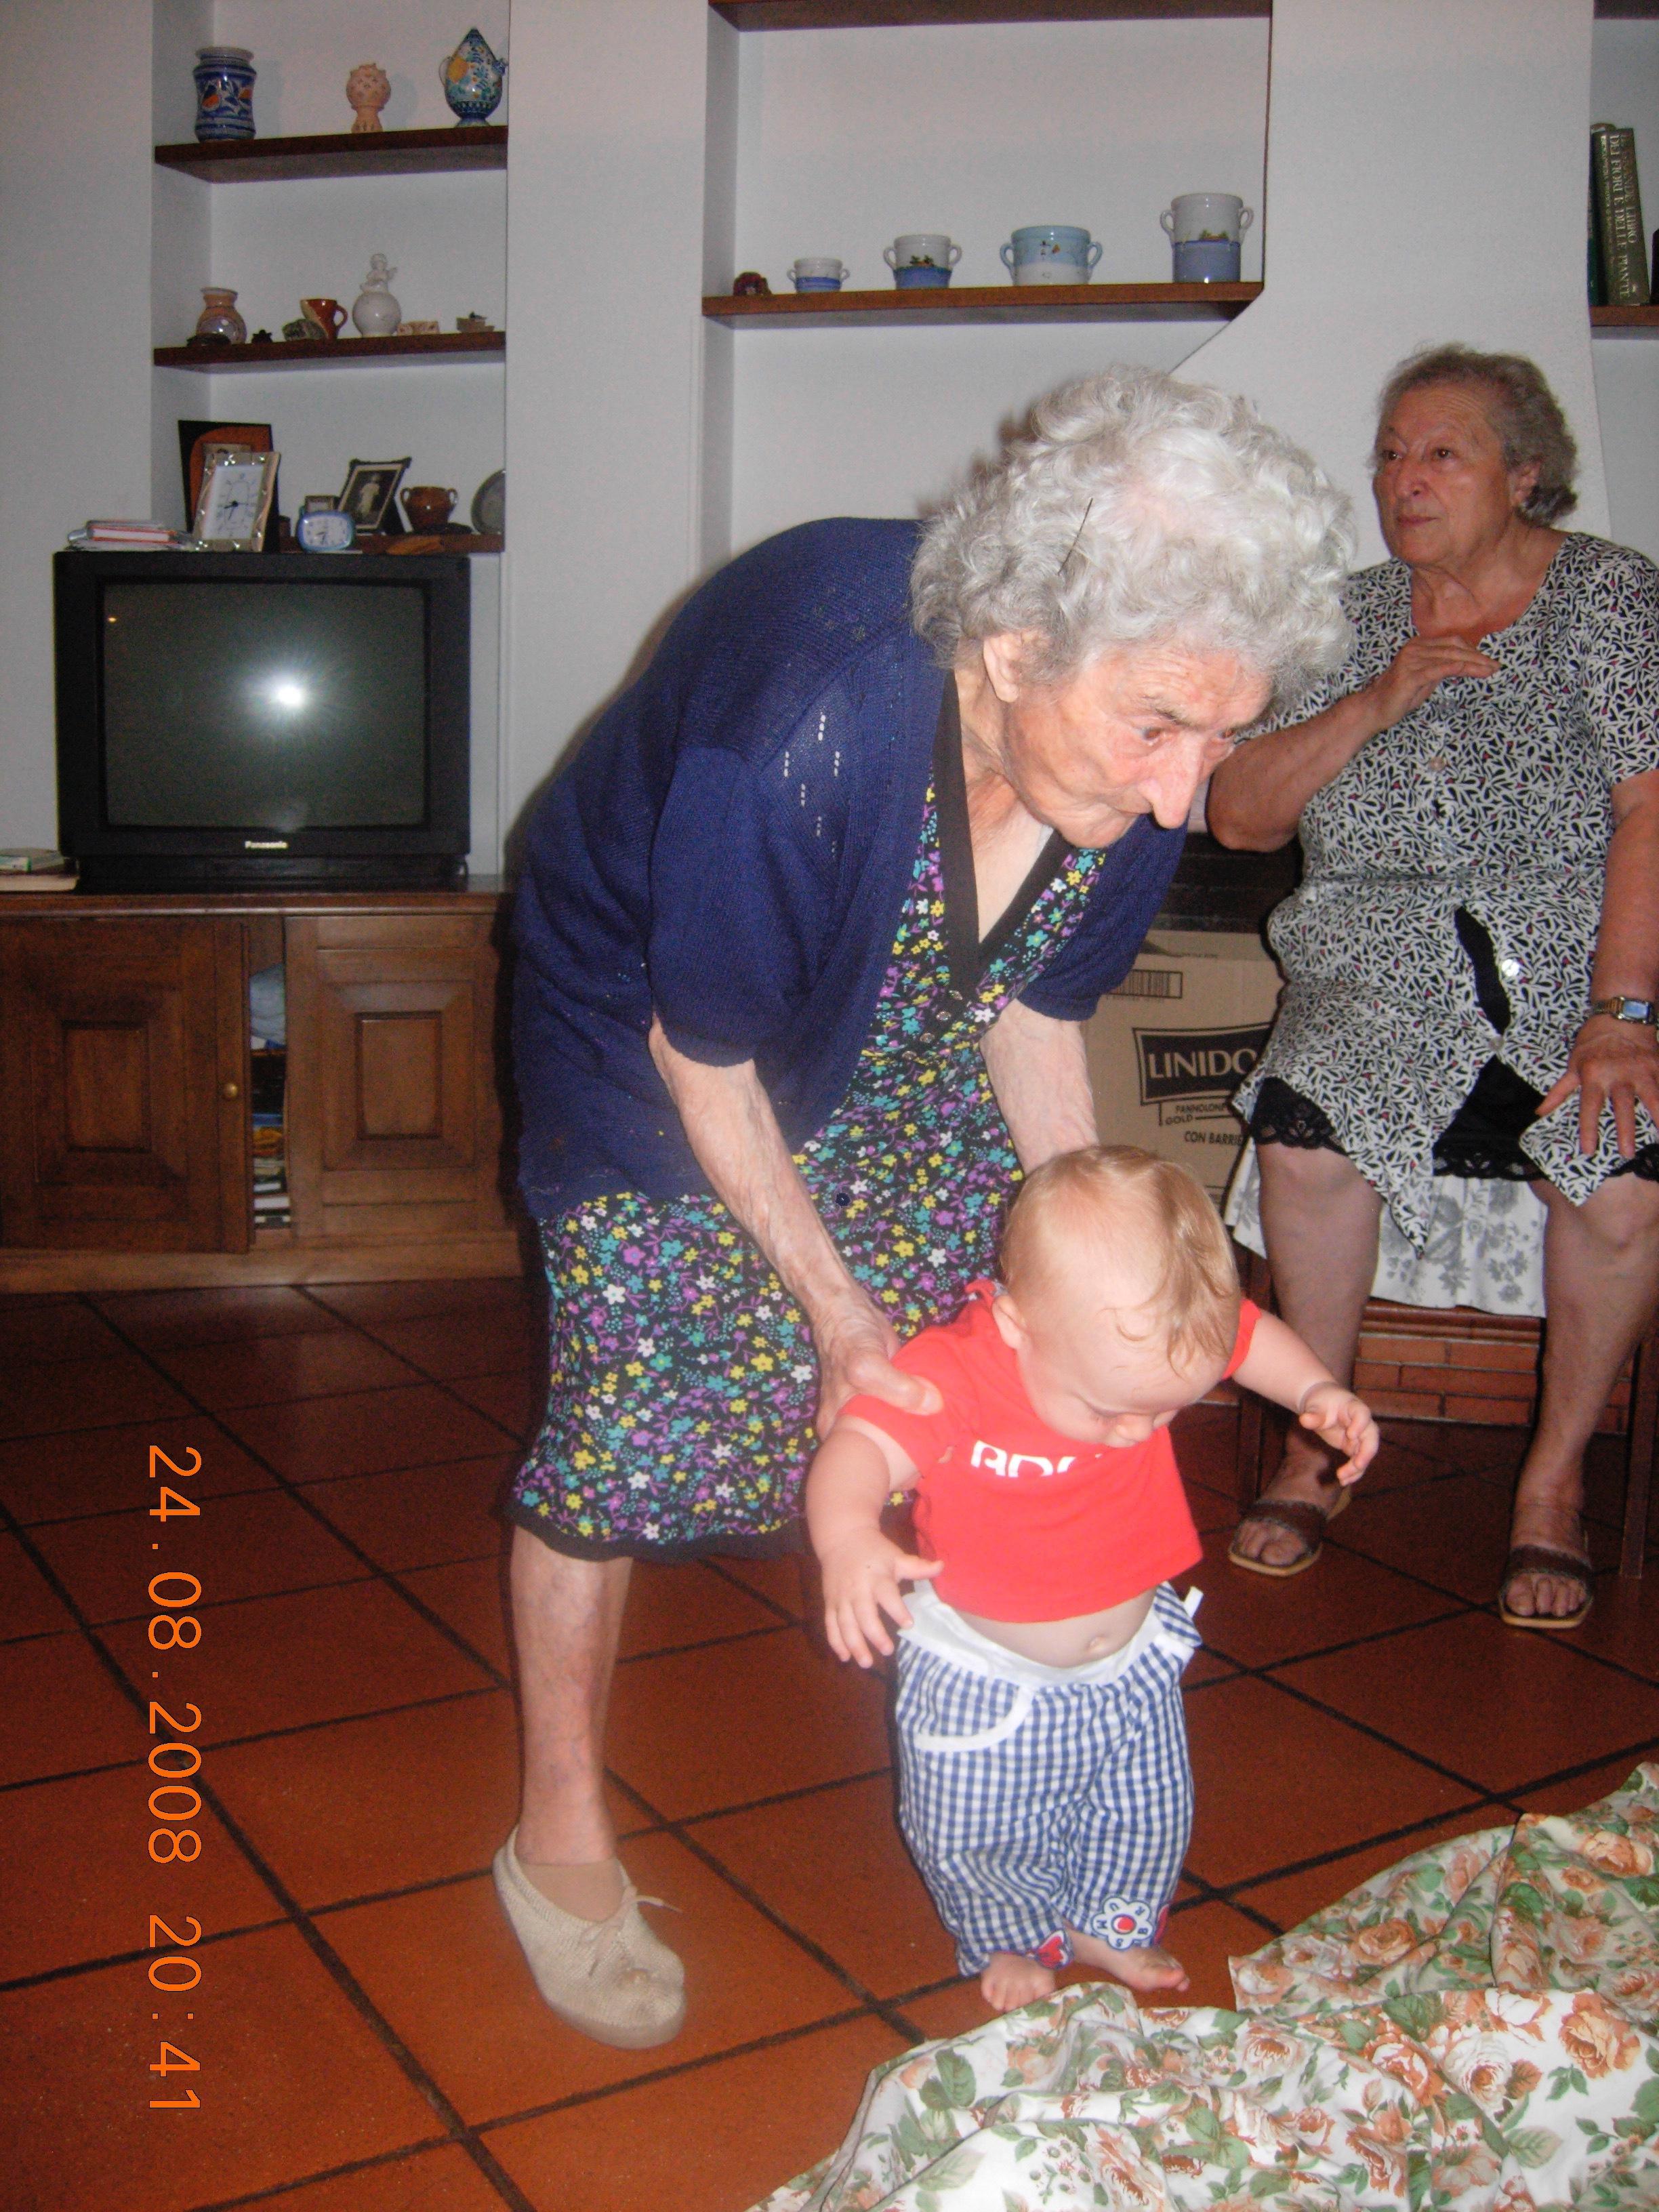 94歳でも元気にひ孫を世話する